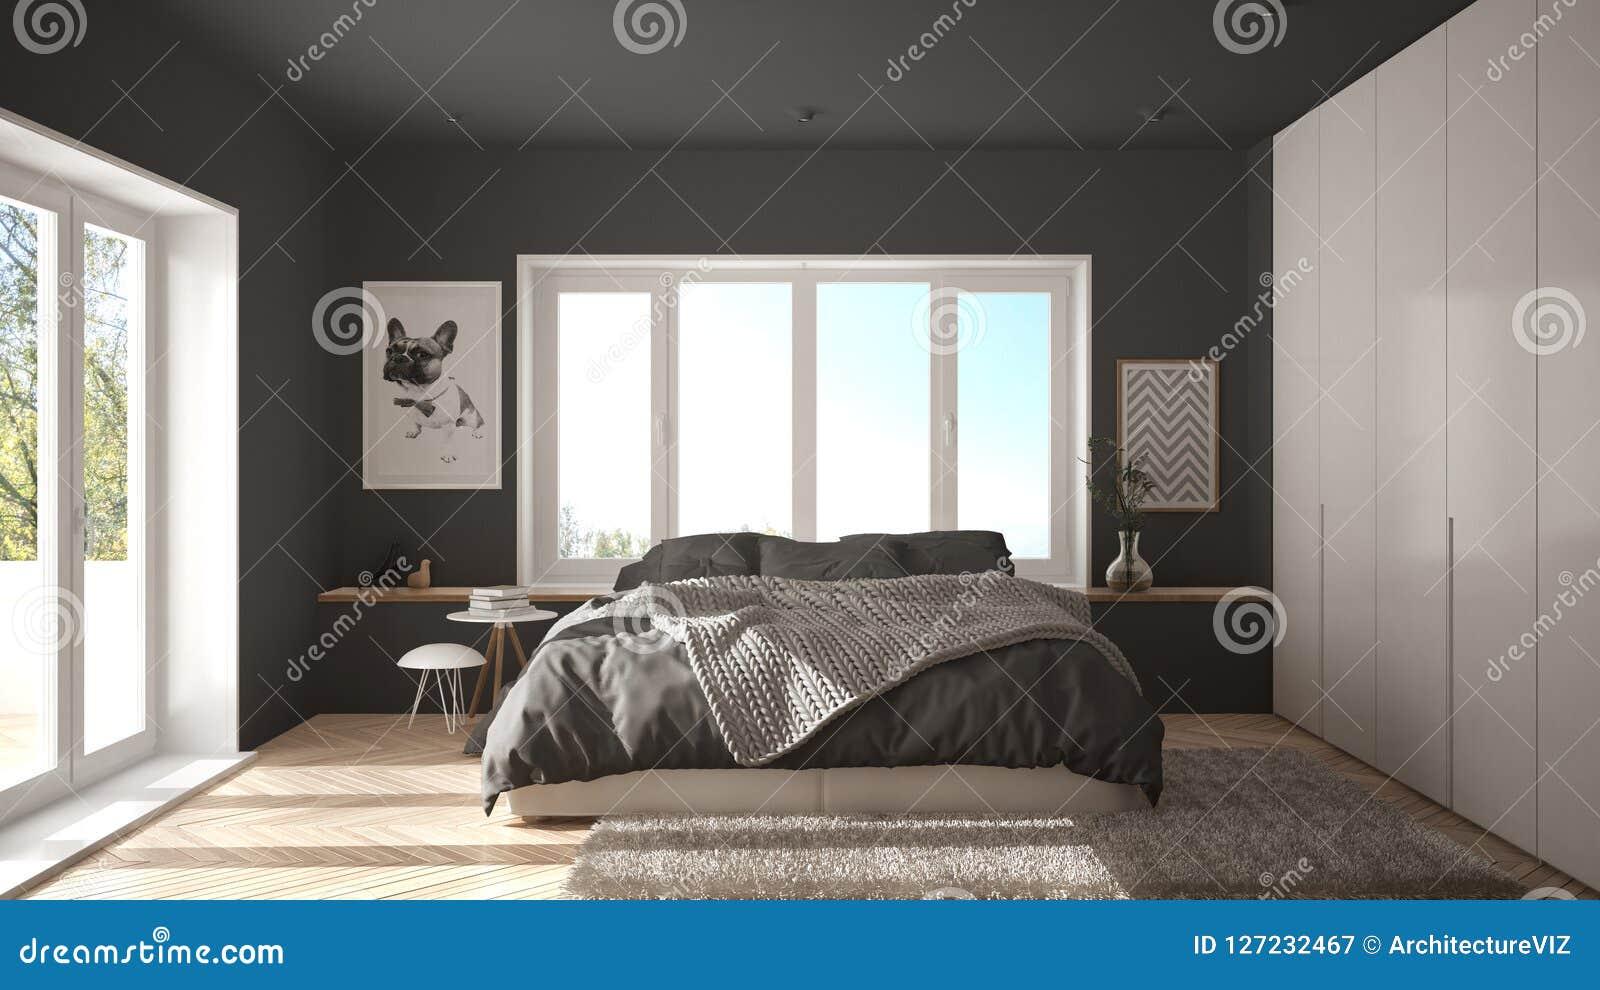 Σκανδιναβική άσπρη και γκρίζα μινιμαλιστική κρεβατοκάμαρα με το πανοραμικό παράθυρο, τον τάπητα γουνών και το παρκέ ψαροκόκκαλων,